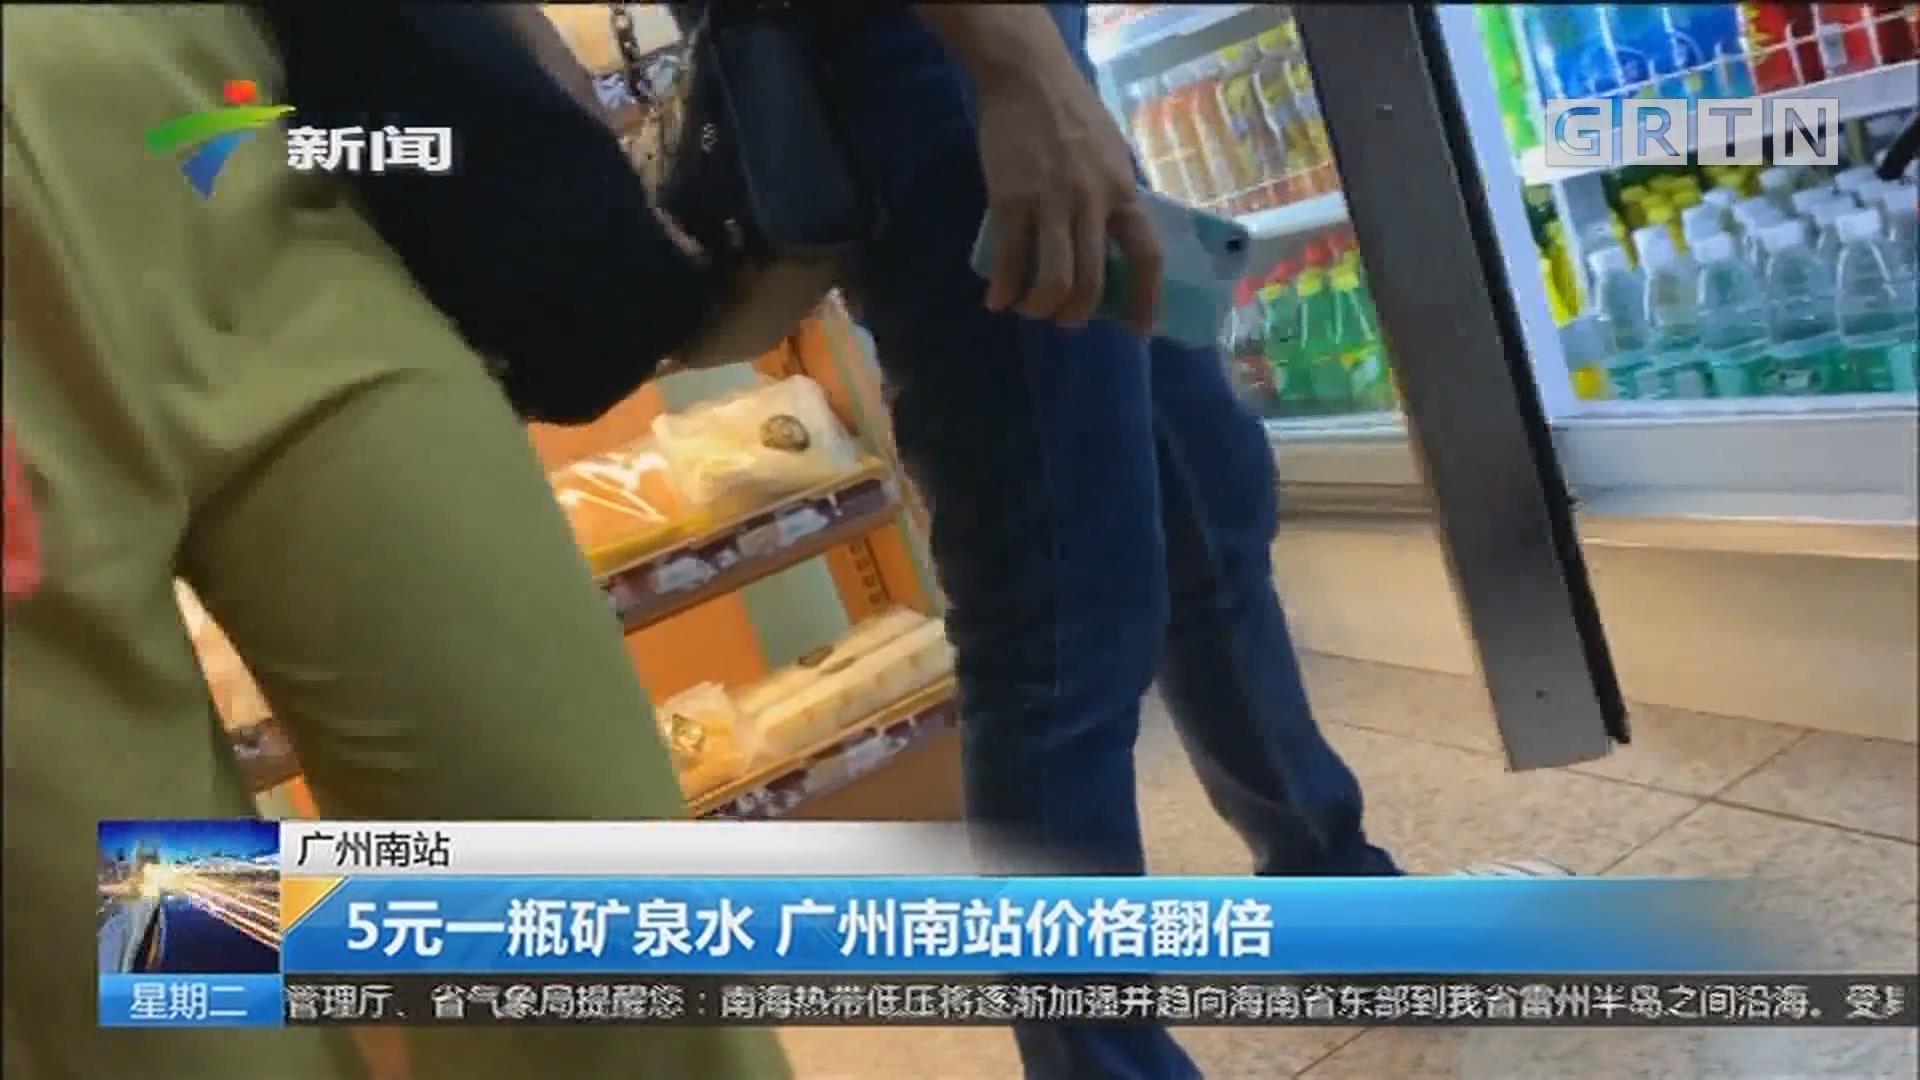 广州南站:5元一瓶矿泉水 广州南站价格翻倍